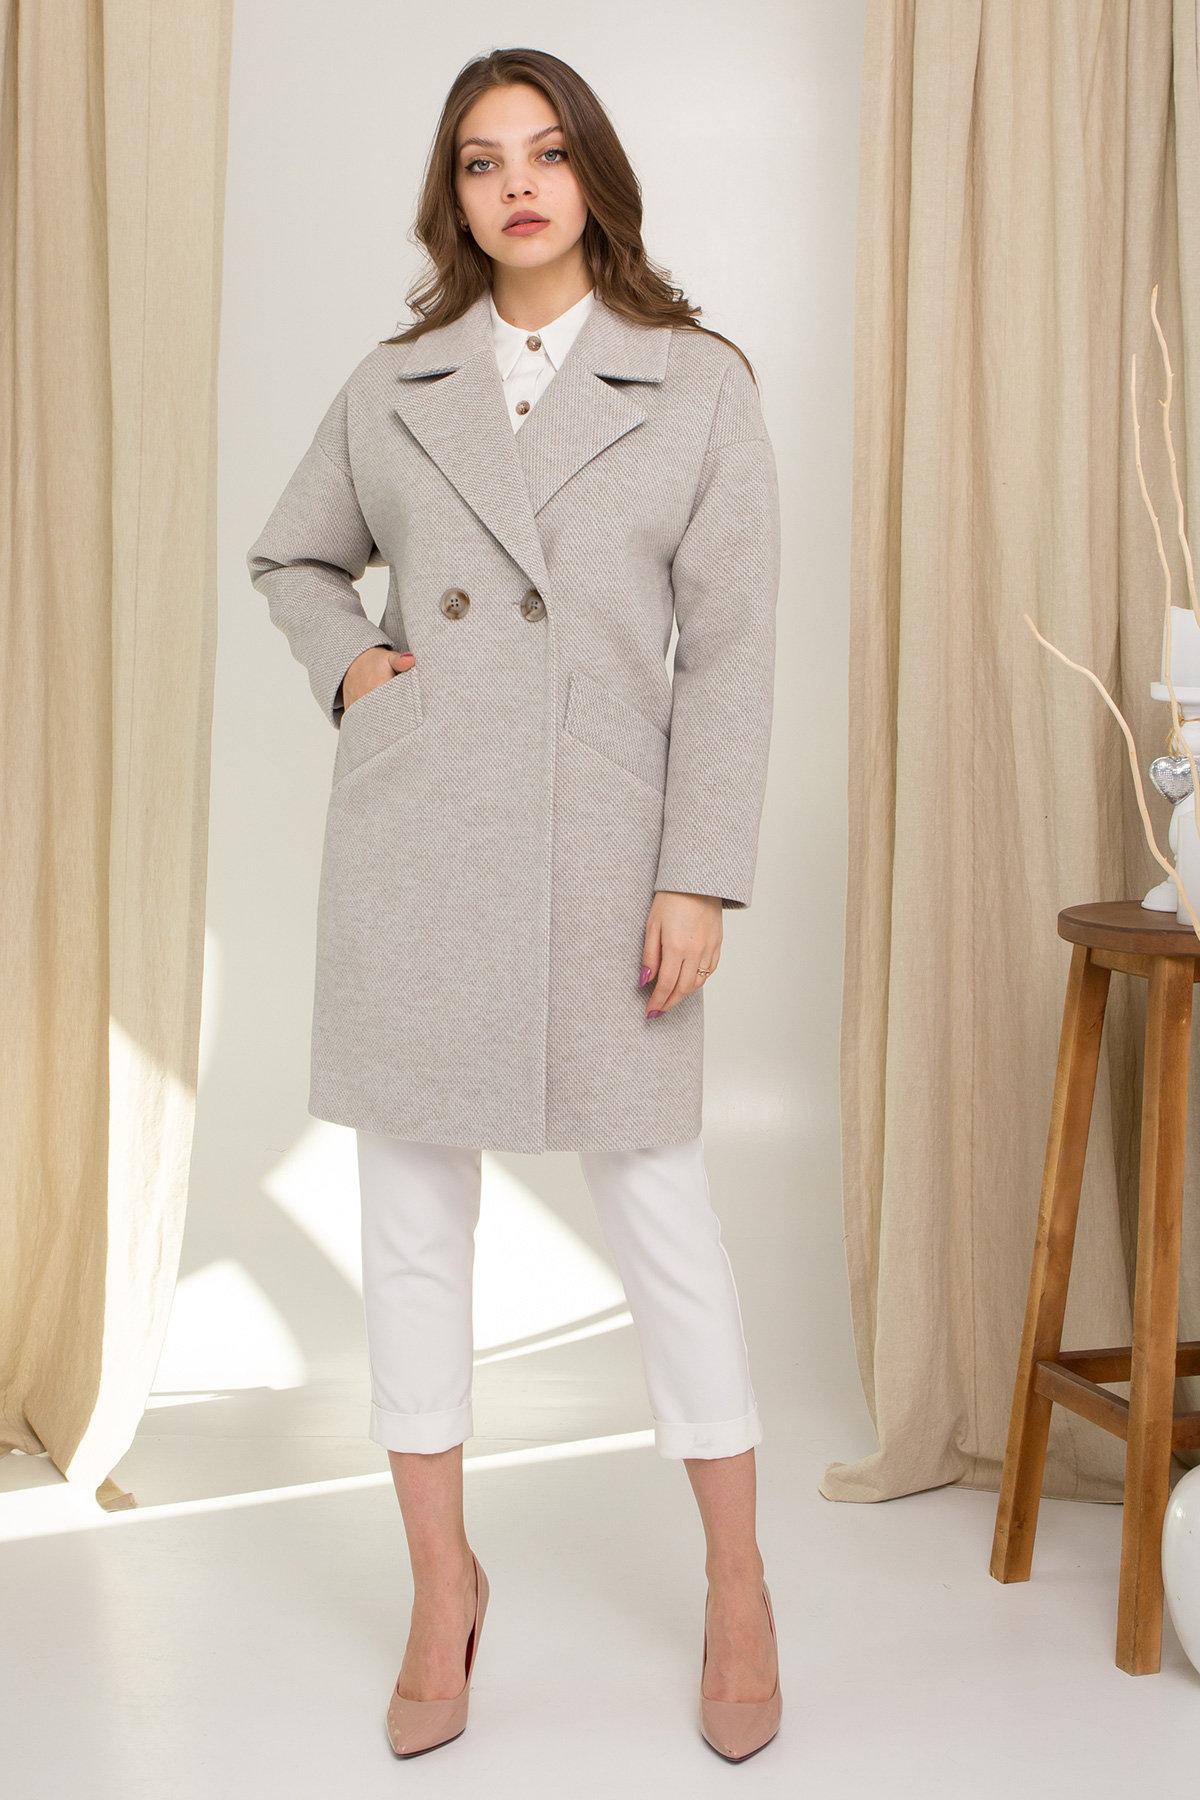 Демисезонное двубортное пальто Сенсей 8845 АРТ. 45218 Цвет: Олива - фото 2, интернет магазин tm-modus.ru